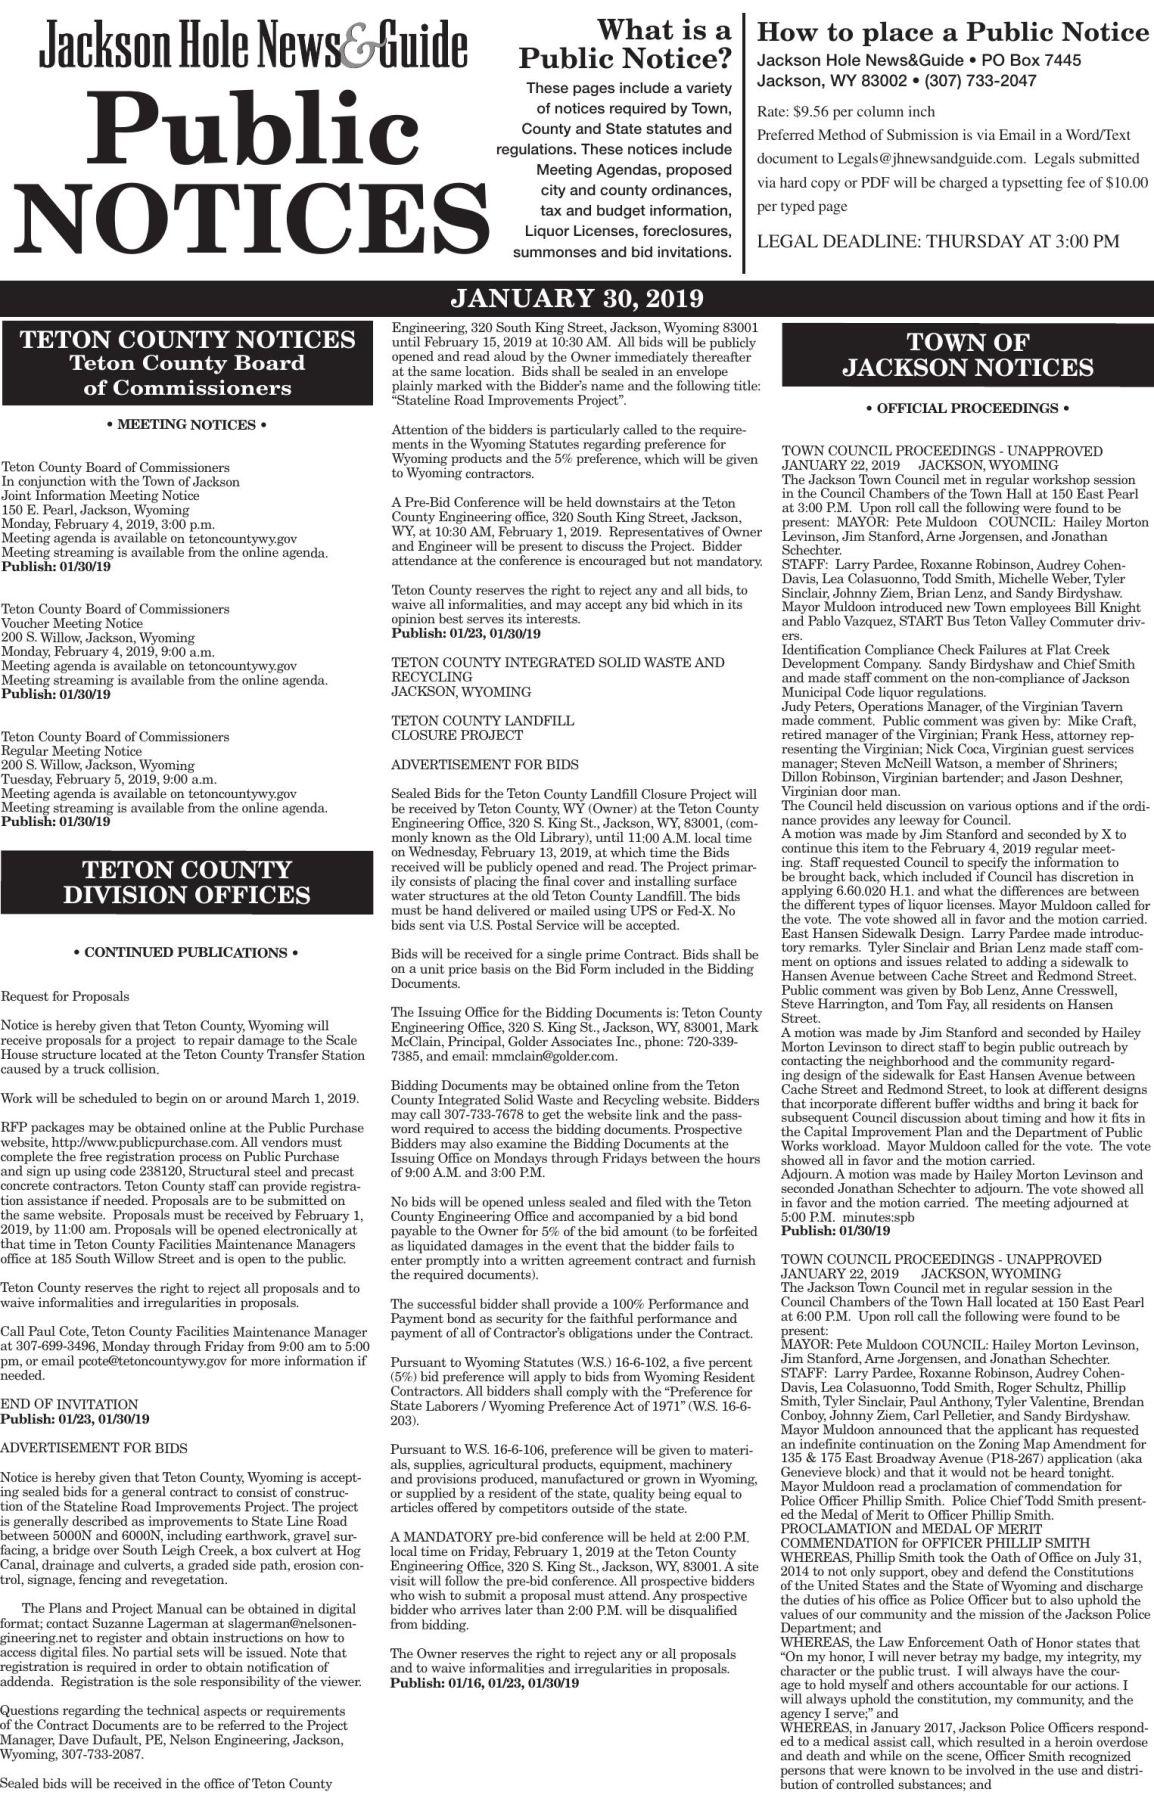 Public Notices, Jan. 30, 2019